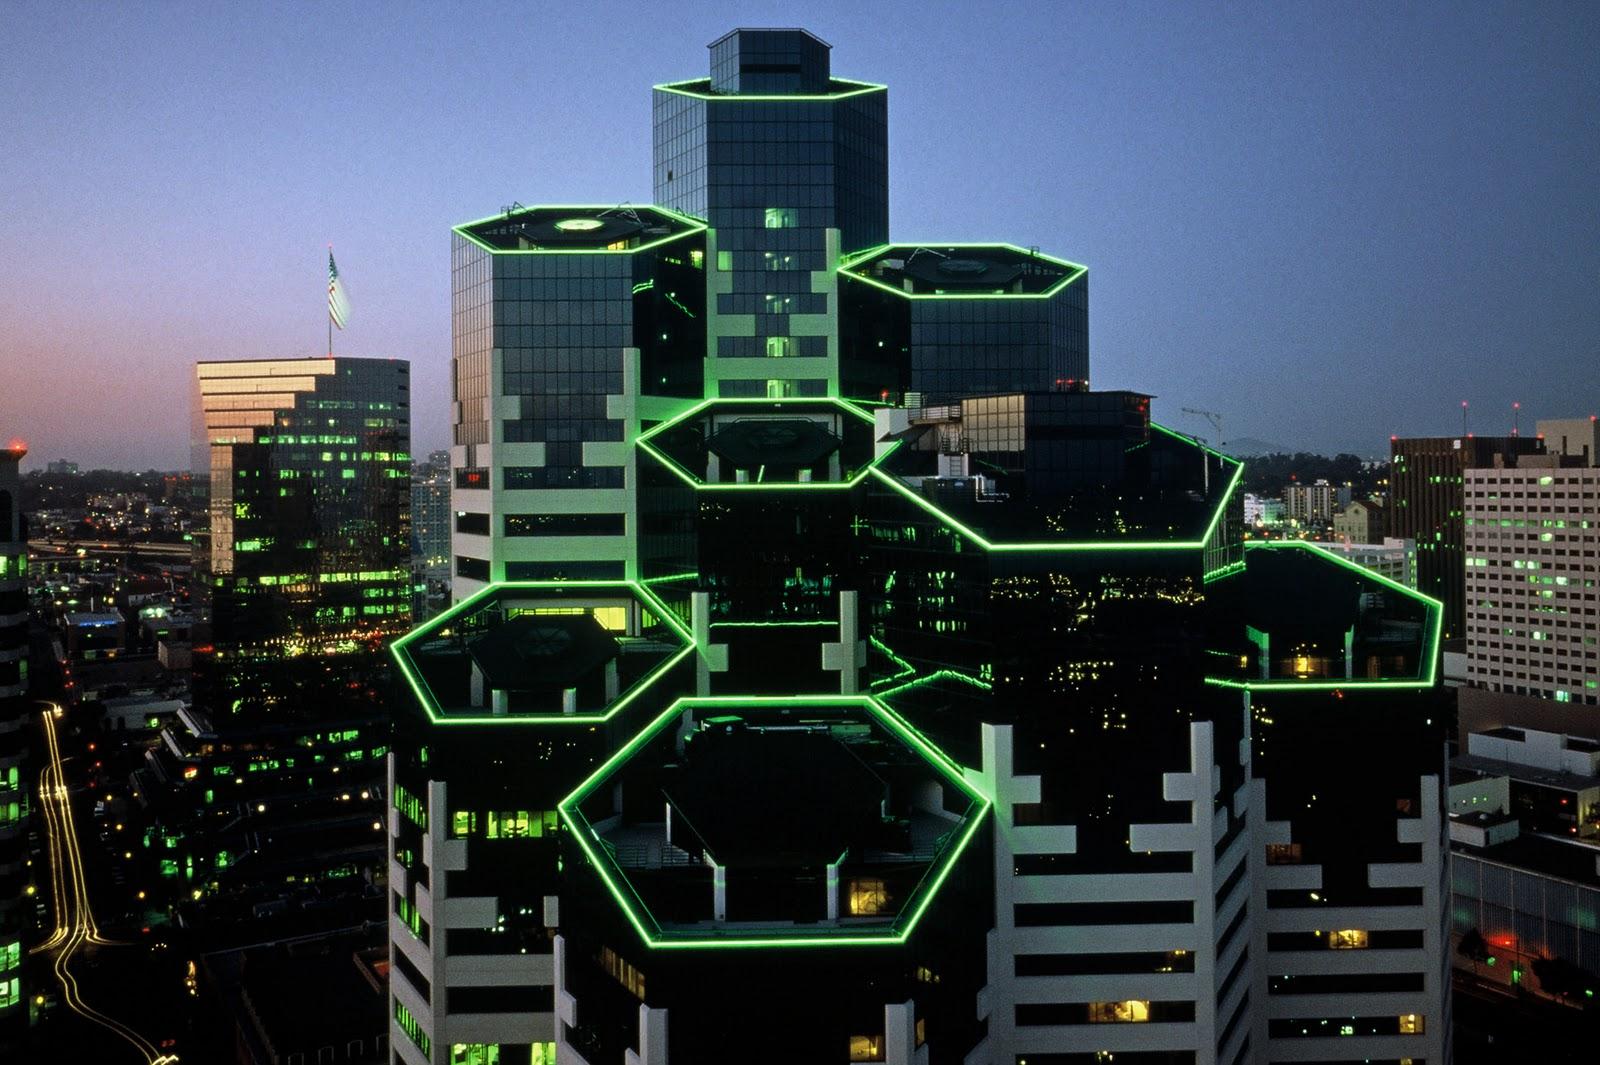 http://4.bp.blogspot.com/_RjhEkh5N9F4/TLSq-blCwOI/AAAAAAAAAA8/giLI0emsg6k/s1600/Emerald+Plaza.jpg